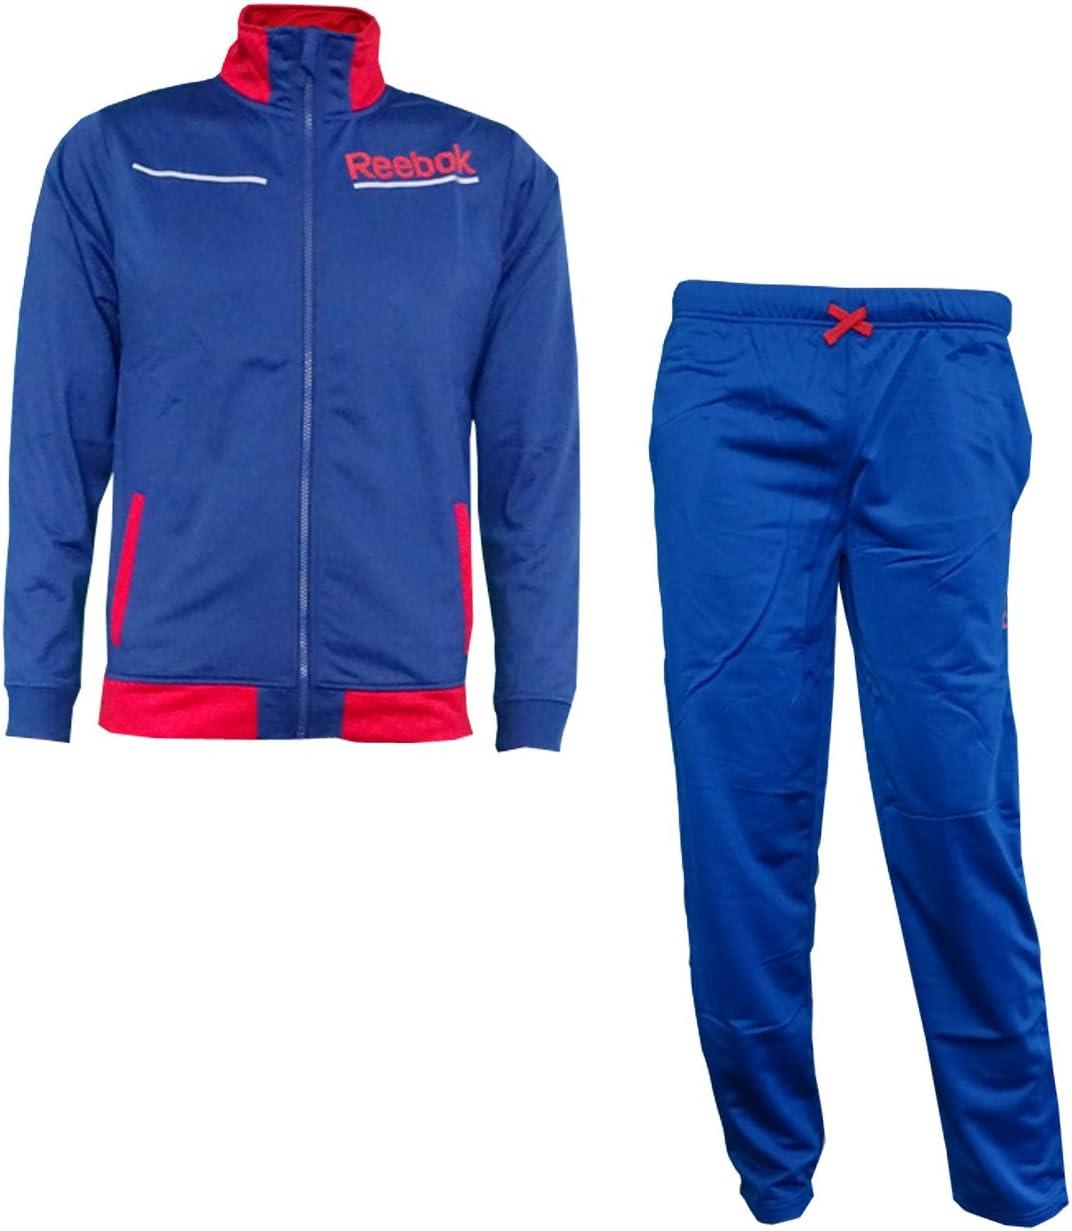 Reebok b03302 Joven Chándal para hombre – Color Azul/Rojo, todo el ...